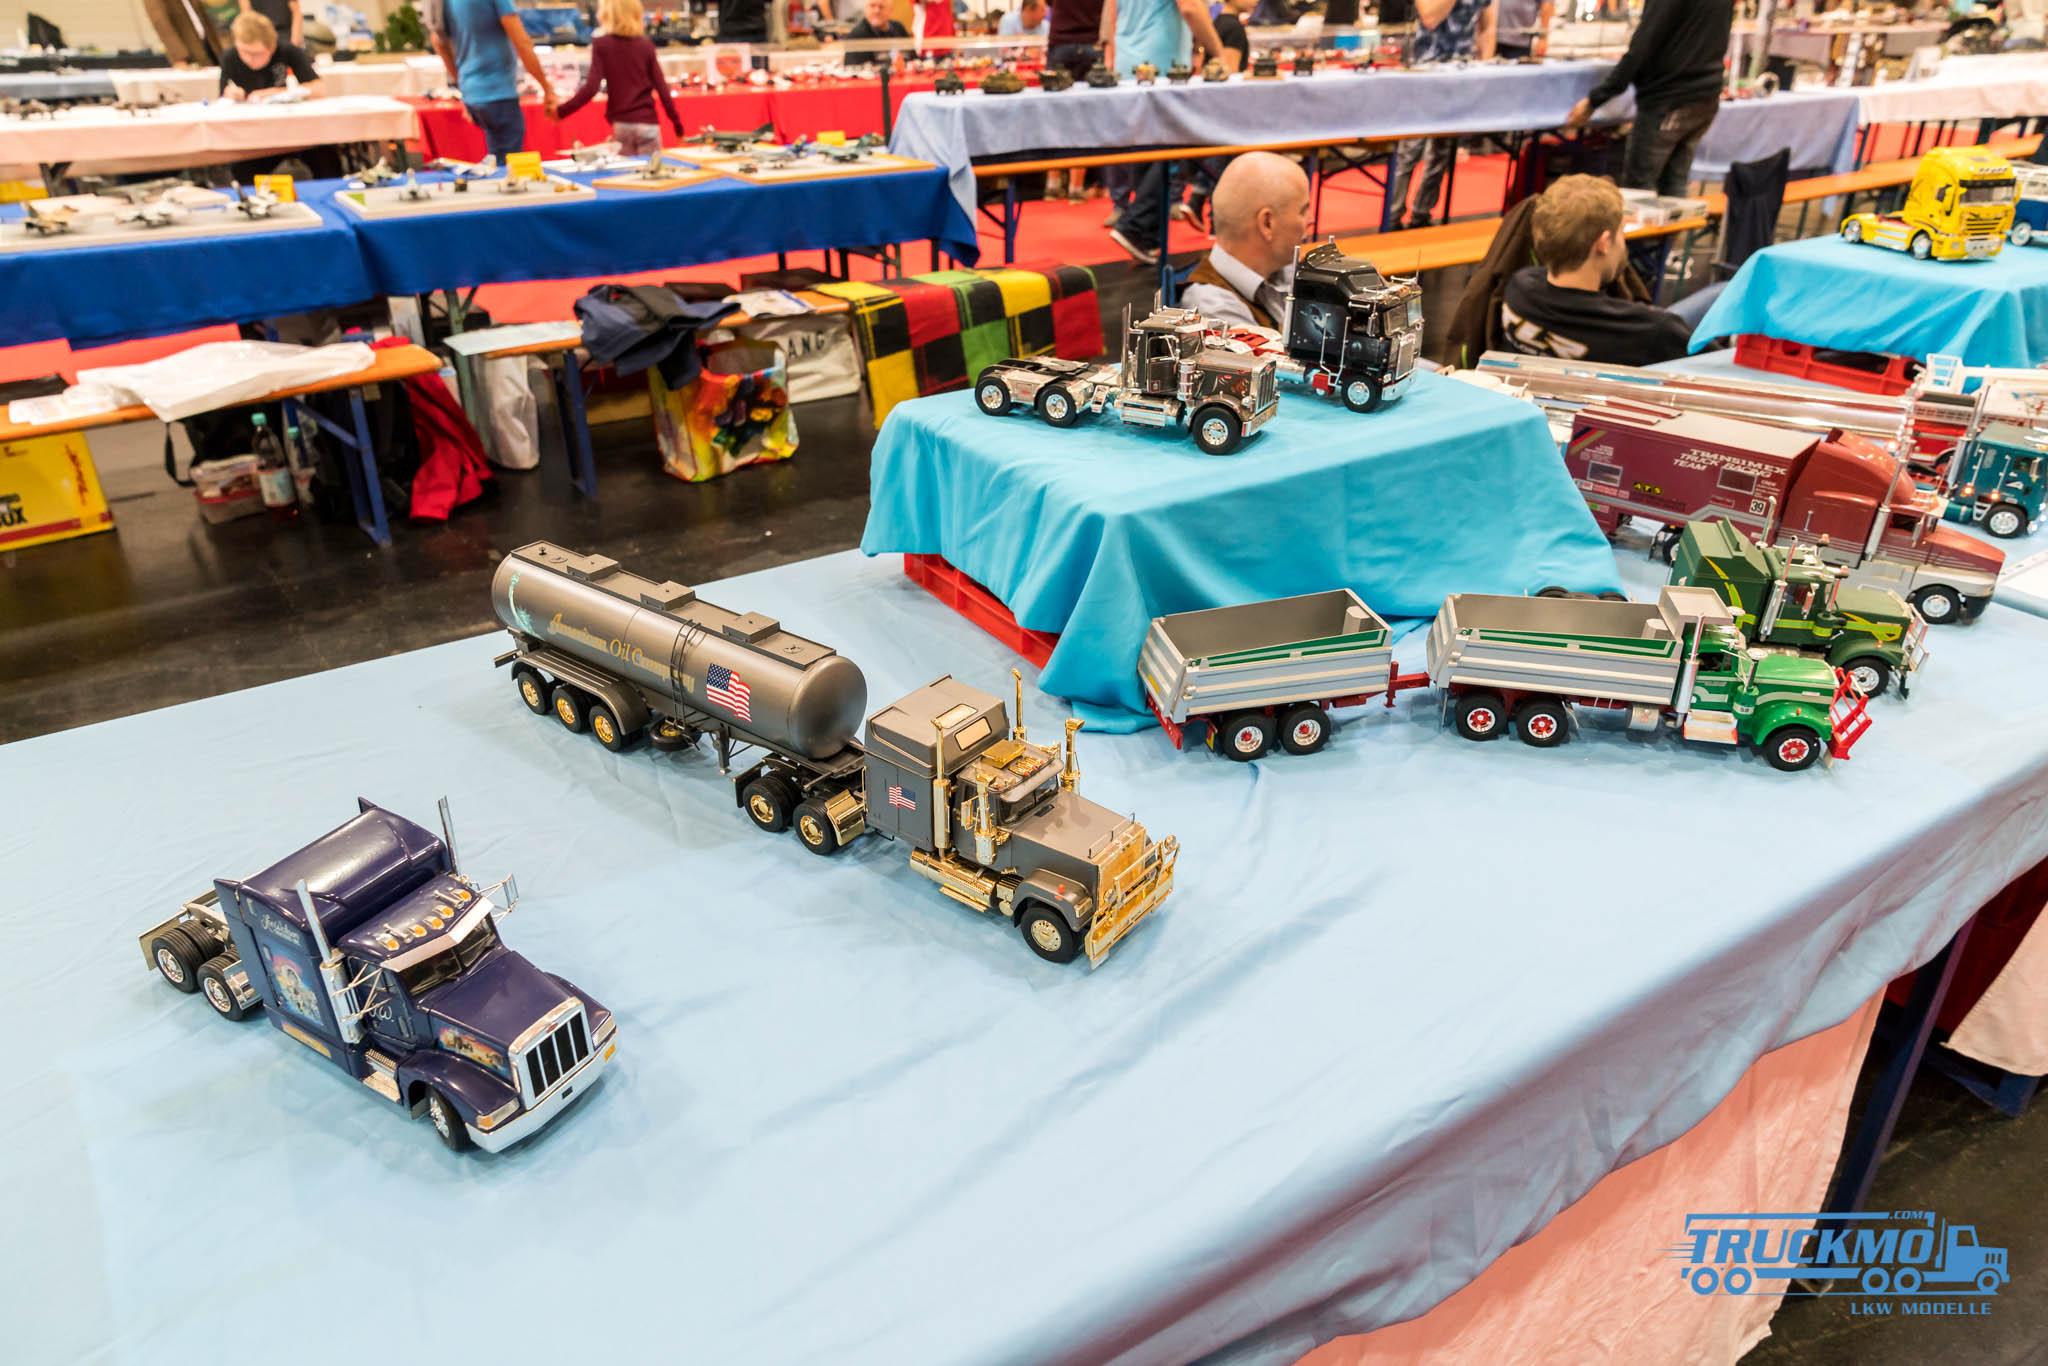 Truckmo_Modellbau_Ried_2017_Herpa_Messe_Modellbauausstellung (332 von 1177)